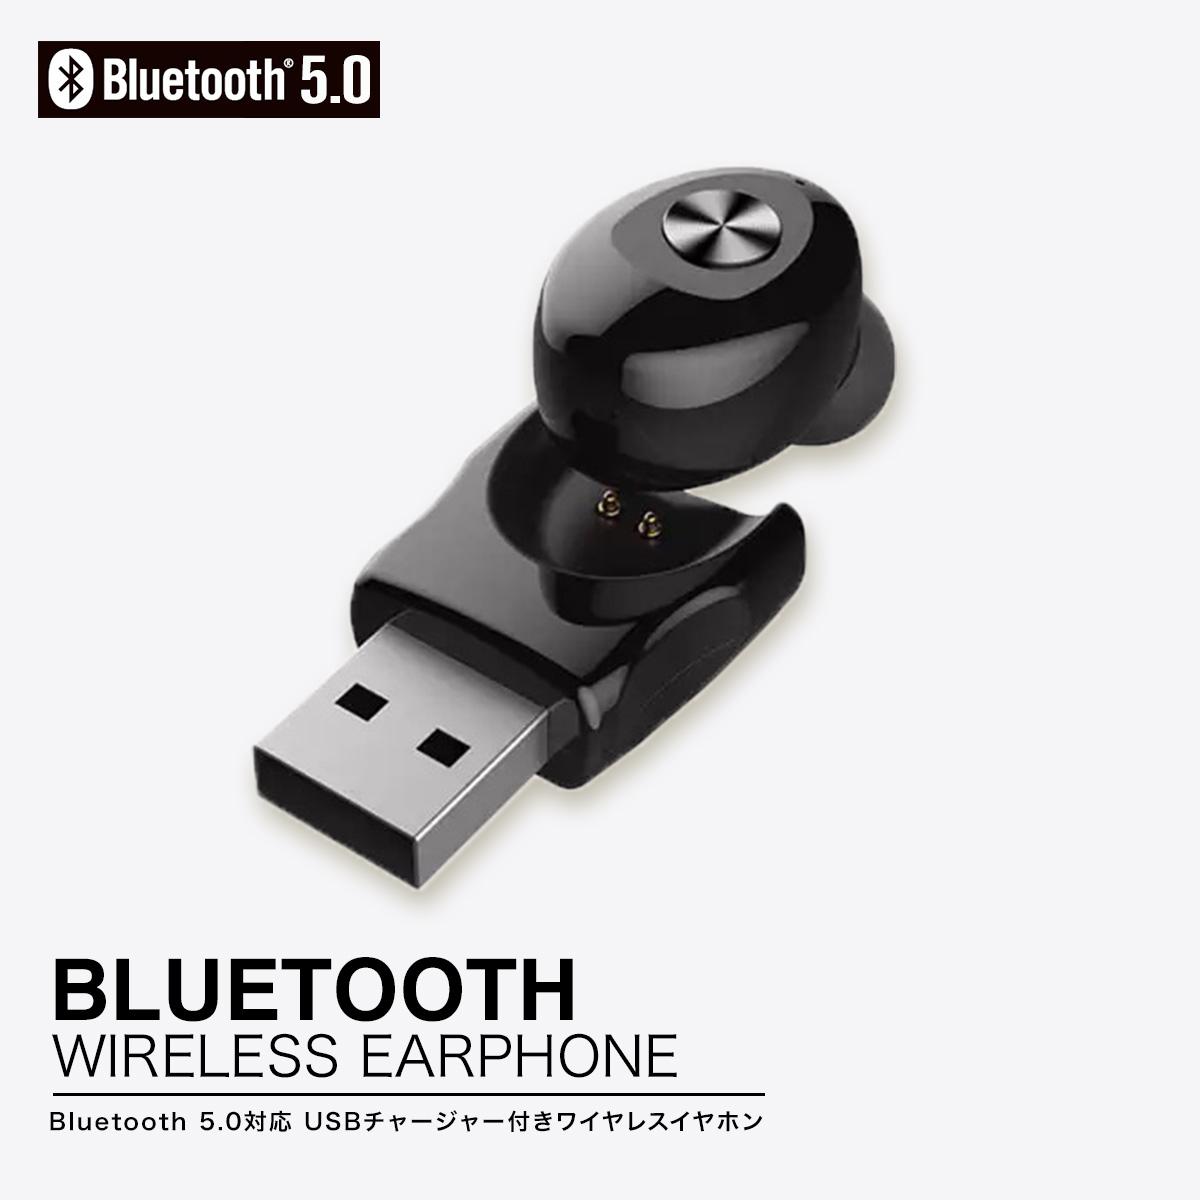 Bluetooth ワイヤレス イヤホン イヤフォン ブルートゥース bluetooth 未使用品 5.0 ブルートゥースイヤホン アイフォン アンドロイド スマホ対応 コスパ おうち時間 ワイヤレスイヤホン マグネット充電 高価値 片耳タイプ ヘッドホン android ヘッドセット 高音質 カナル型 片耳 iPhone